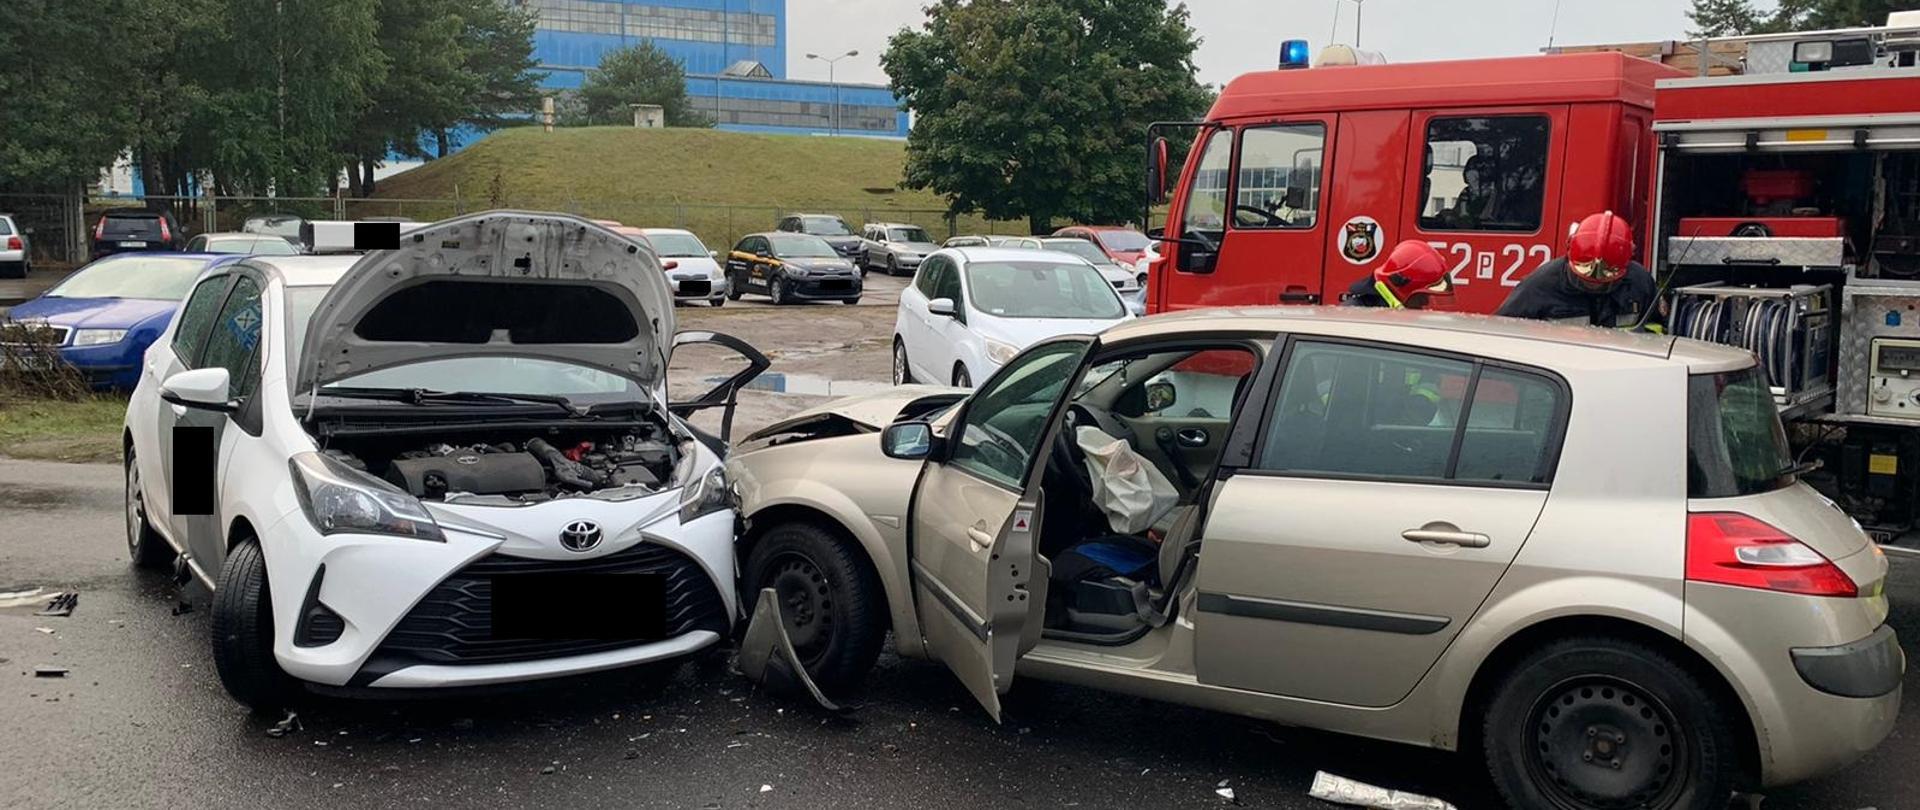 Na zdjęciu widać dwa uszkodzone samochody po zdarzeniu oraz pojazd straży pożarnej w tle.